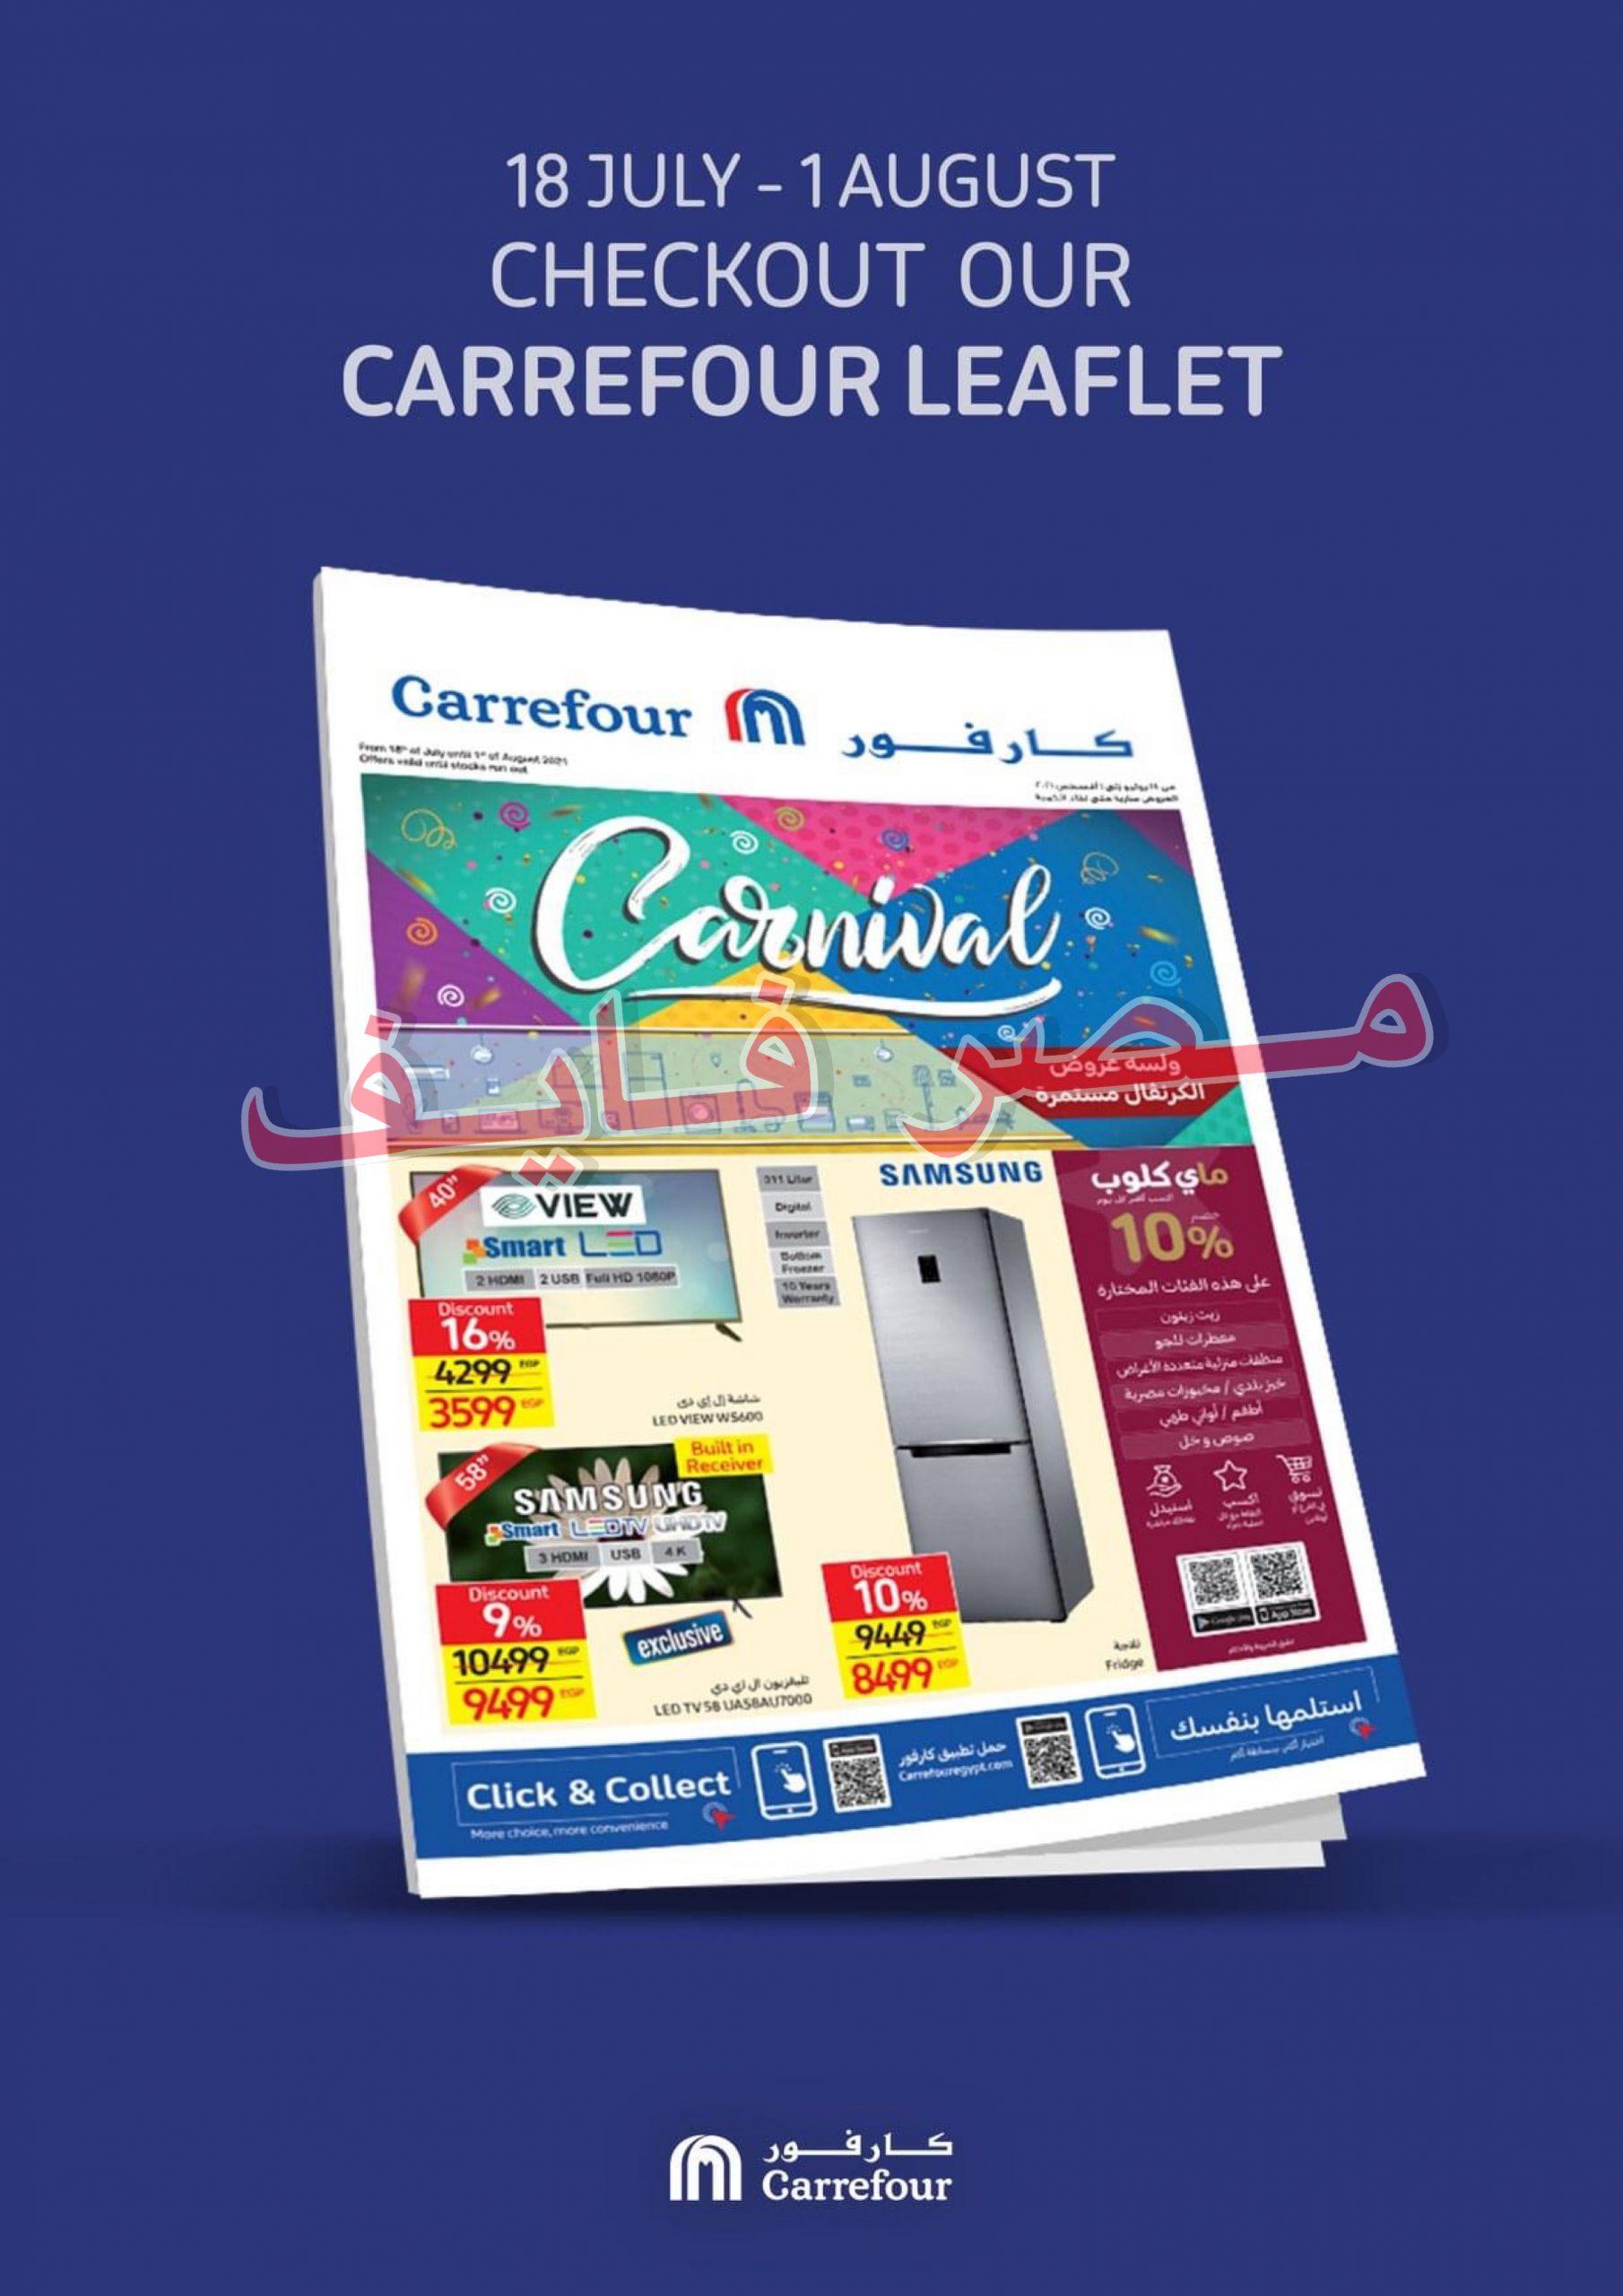 عروض كرنفال عيد الأضحى المبارك ومجلة عروض كارفور مصر حتى 1 أغسطس 2021